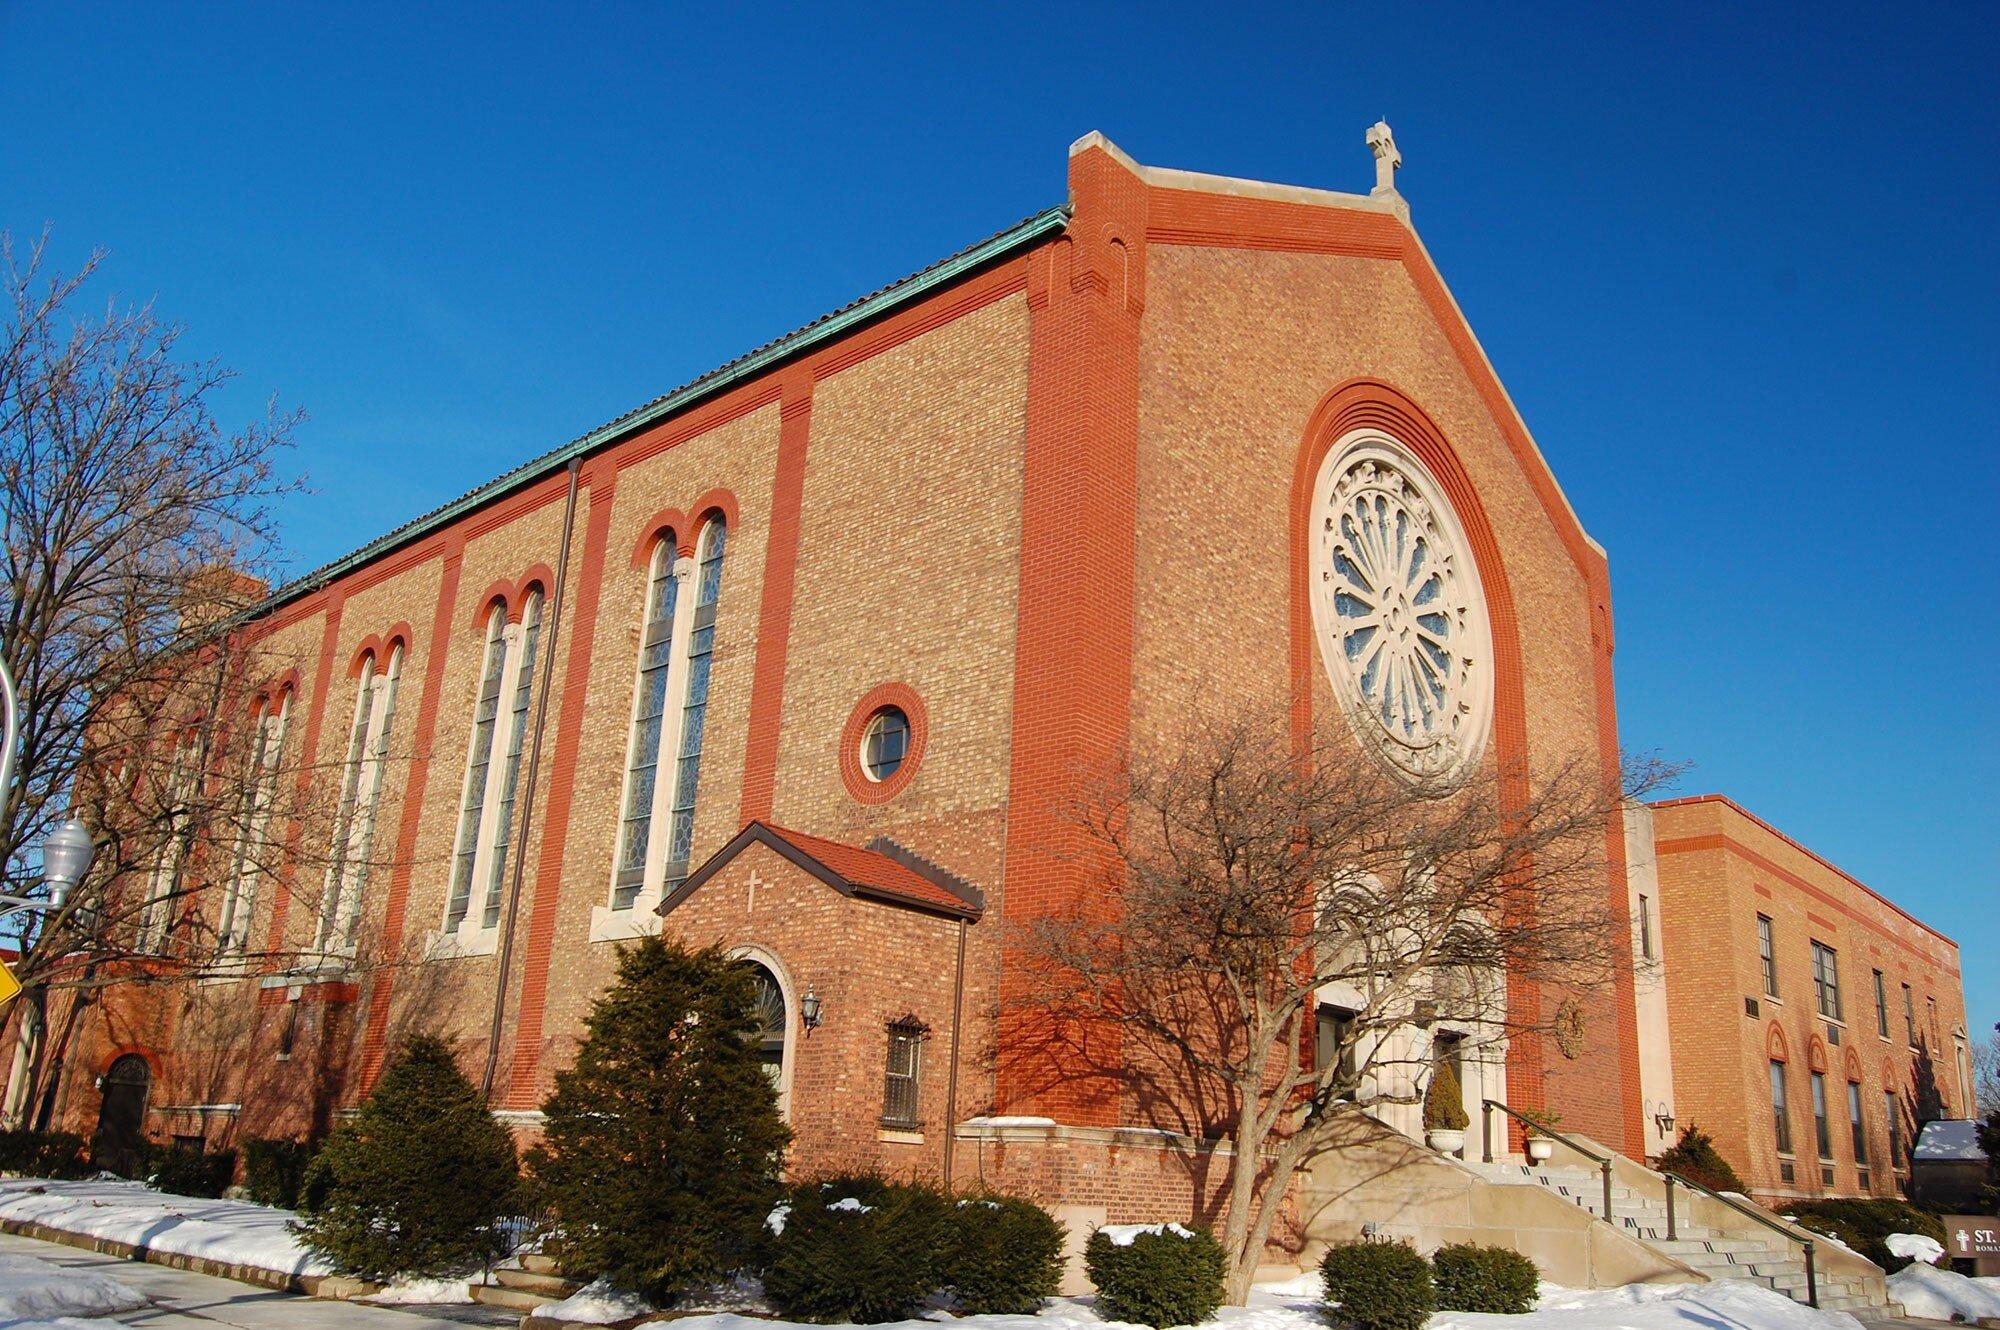 ST. EDWARD ROMAN CATHOLIC CHURCH - 4350 W. Sunnyside Ave.